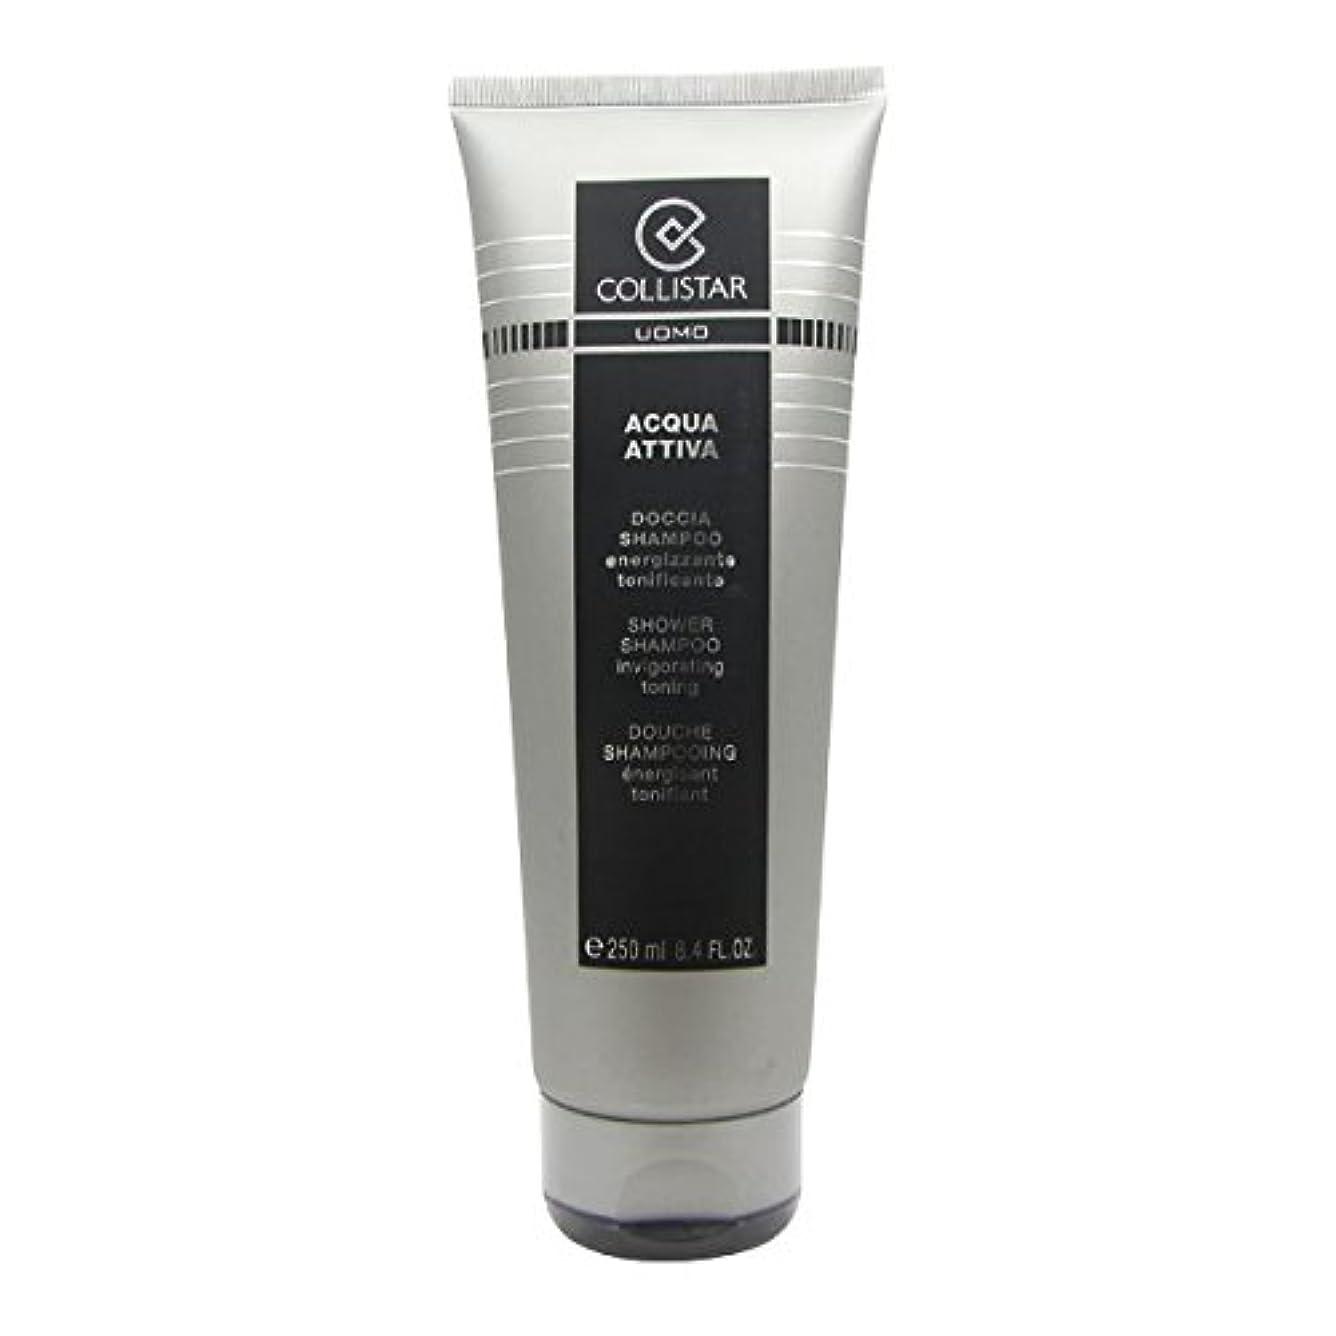 文房具マカダムその他Collistar Men Acqua Attiva Shower Shampoo 250ml [並行輸入品]